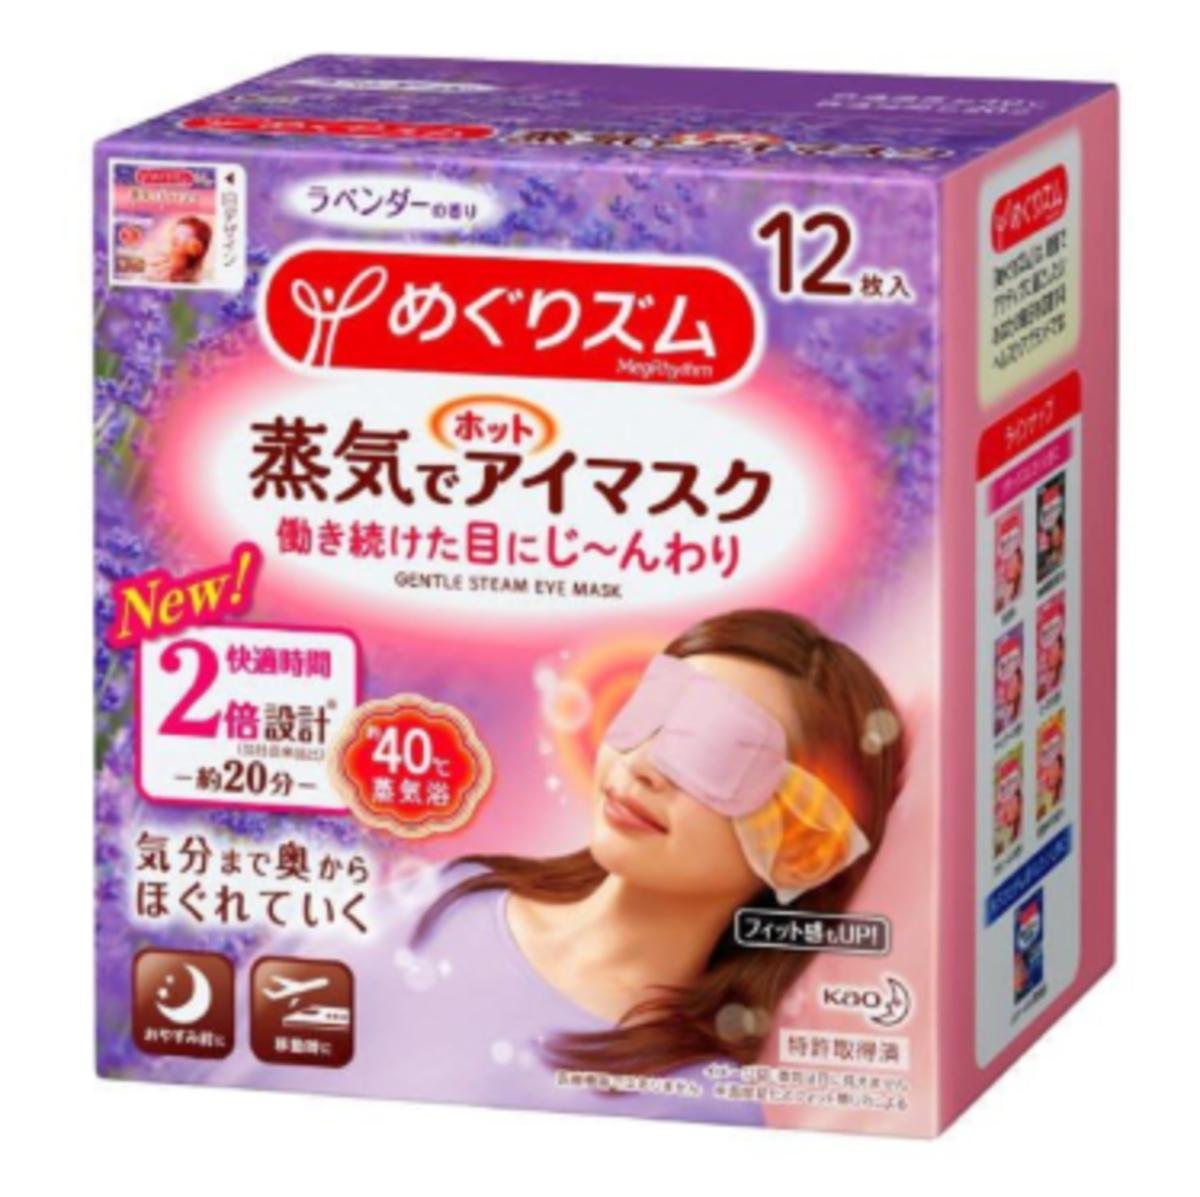 蒸氣感溫熱眼罩 (12片裝) - 薰衣草香氣